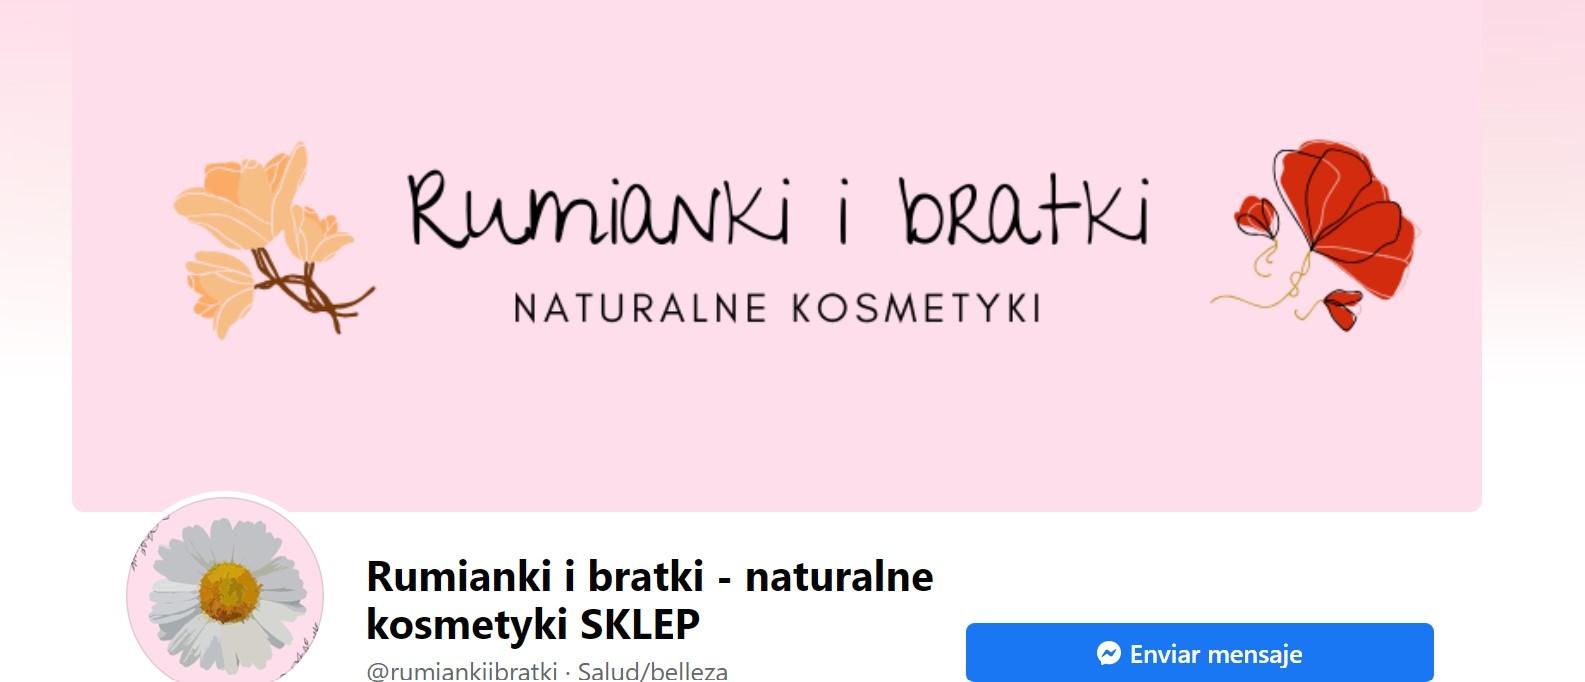 """Una falsa web de belleza para ayudar a mujeres maltratadas en Polonia: """"Si hace un pedido y da su dirección,  es  señal  de que necesita que la policía actúe de inmediato"""""""